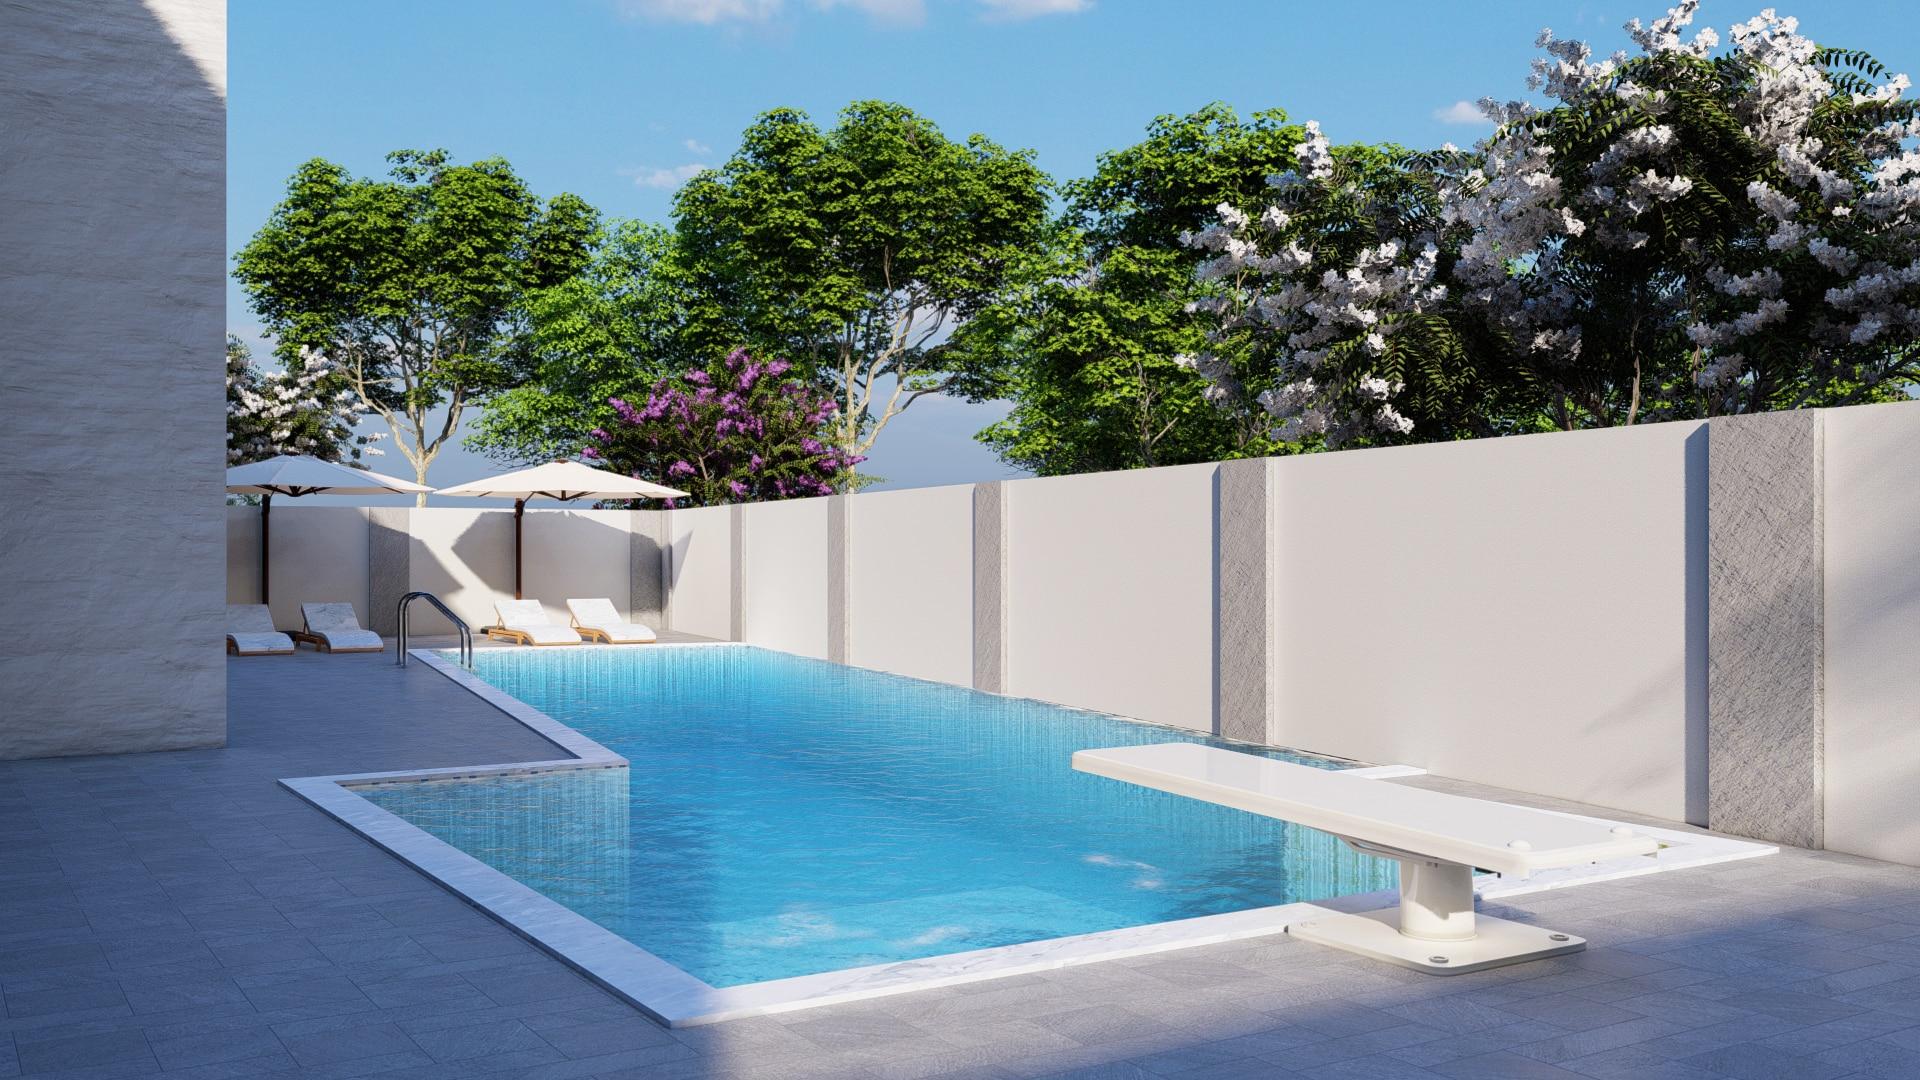 Modélisation 3D extérieure d'une piscine